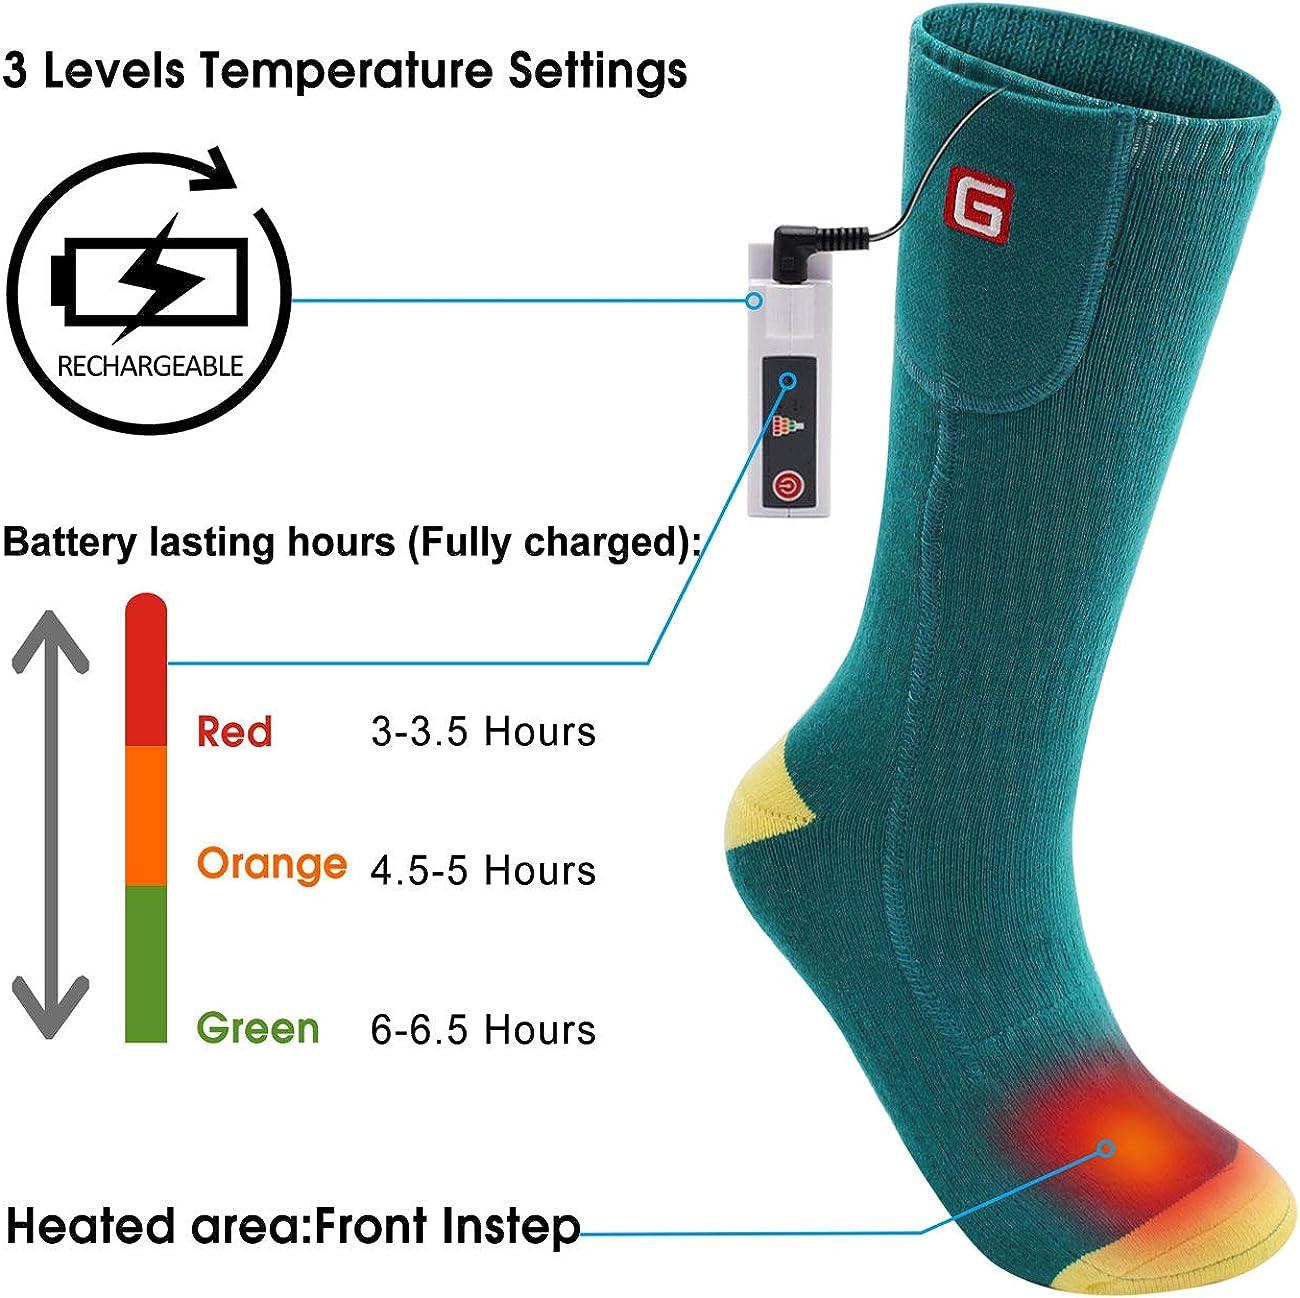 Calcetines el/éctricos con calefacci/ón bater/ía recargable Calentadores de pies de invierno Los calcetines t/érmicos de algod/ón mantienen el antepi/é y los dedos calientes para acampar al aire libre Send